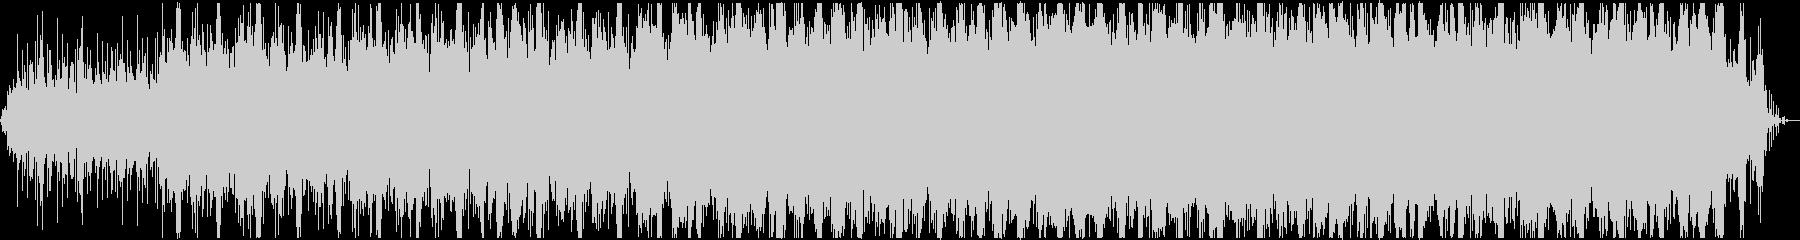 雨音と電子音のエレクトロ・アンビエントの未再生の波形